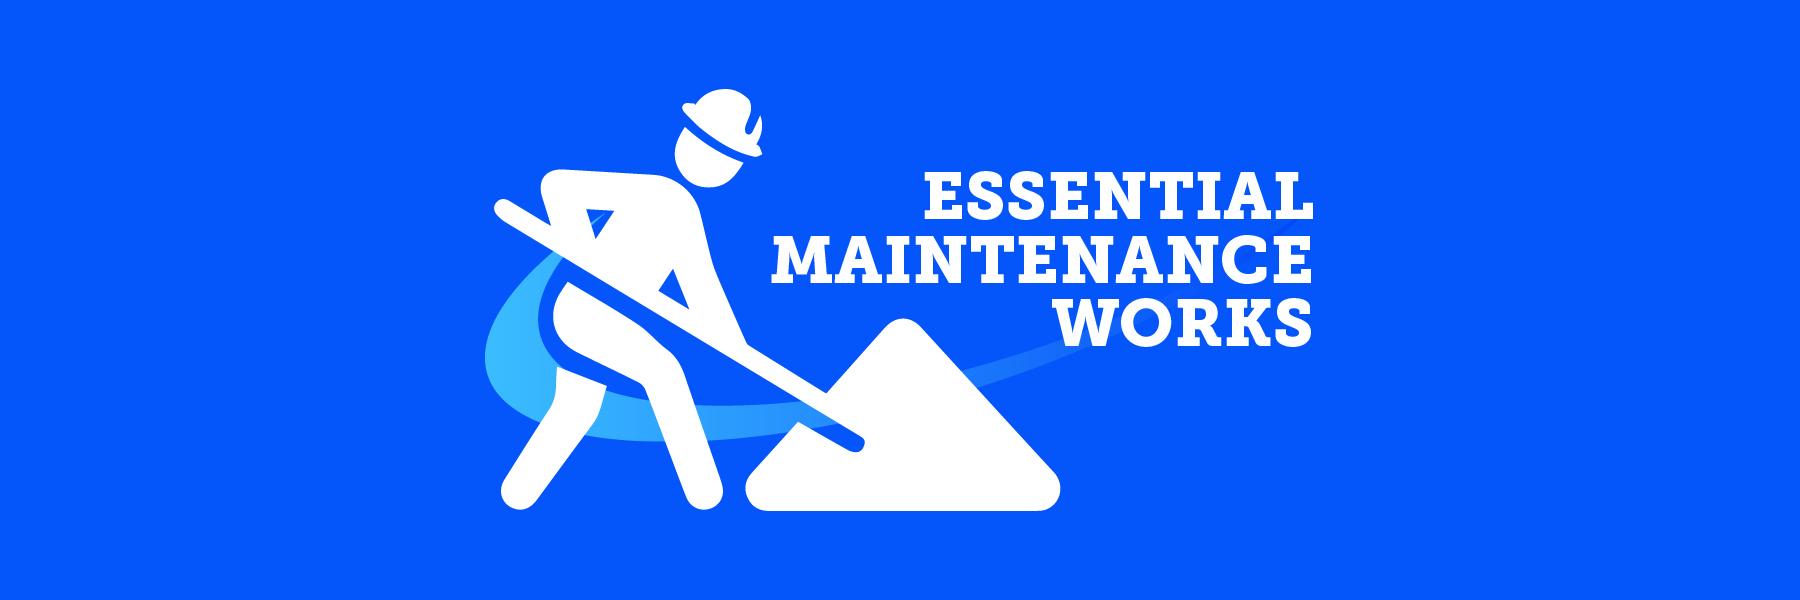 Essential Maintenance Work